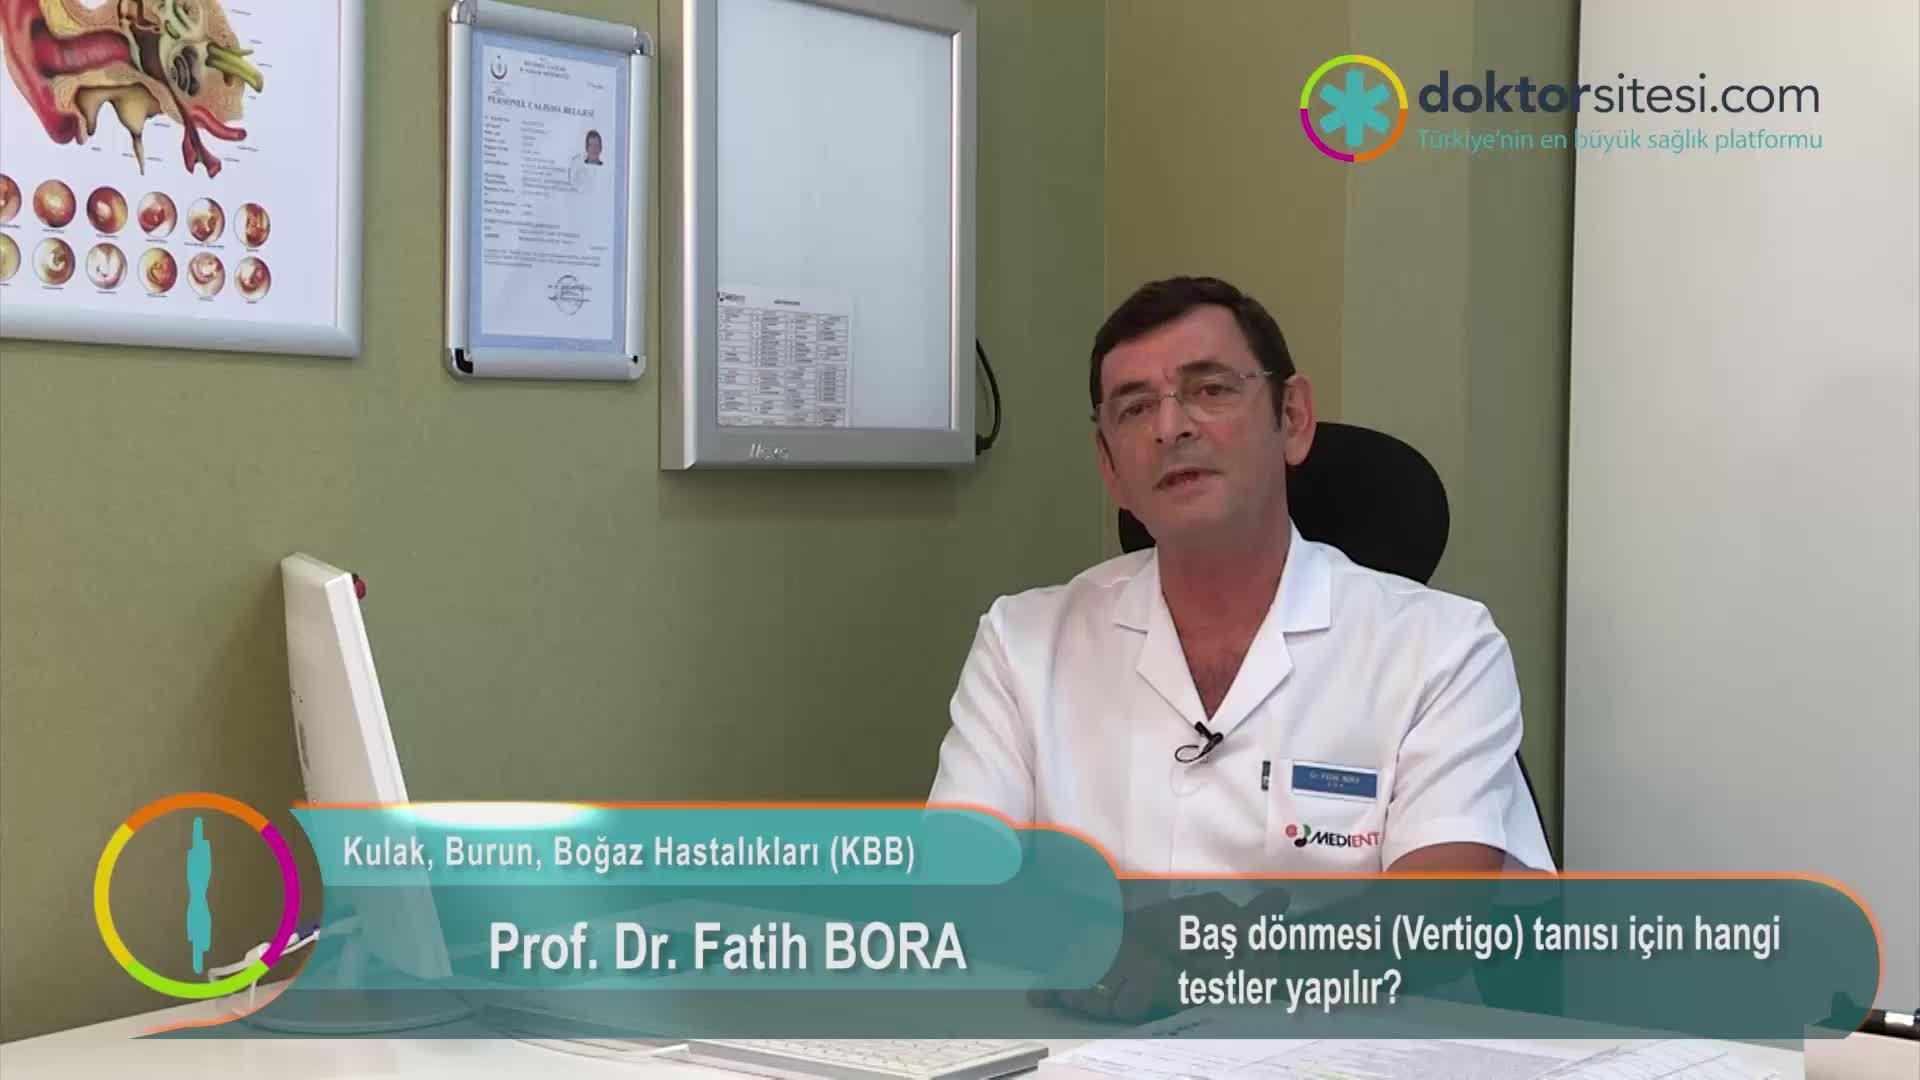 """Baş dönmesi (Vertigo) tanısı için hangi testler yapılır? """"Prof. Dr. Fatih  BORA"""""""